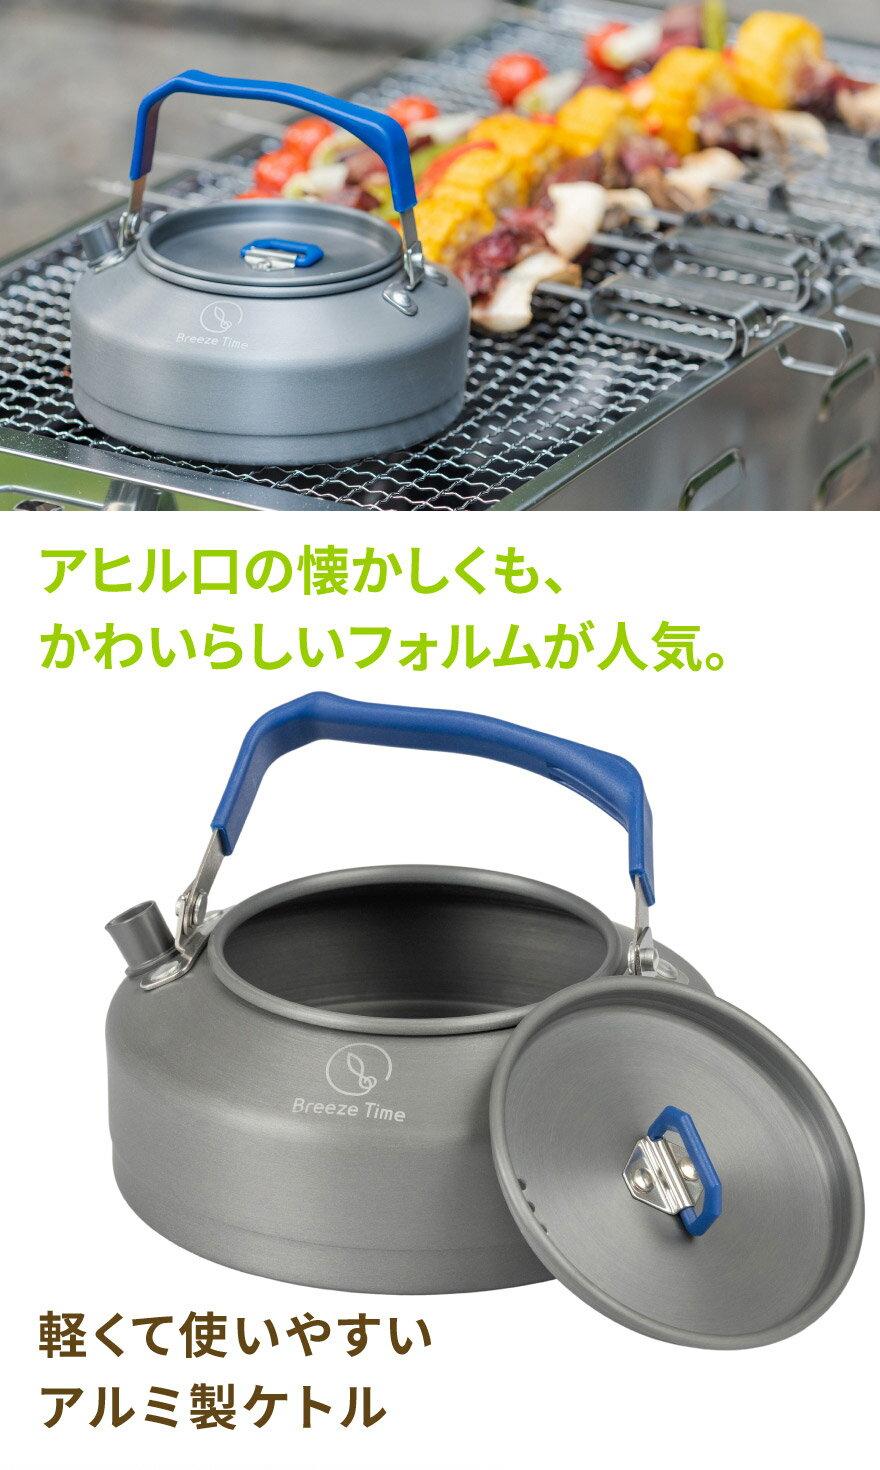 ケトルポットやかん湯沸かし調理料理キャンプレジャーアウトドアコーヒーキャンプ小物アルミニウムおしゃれおすすめ人気送料無料